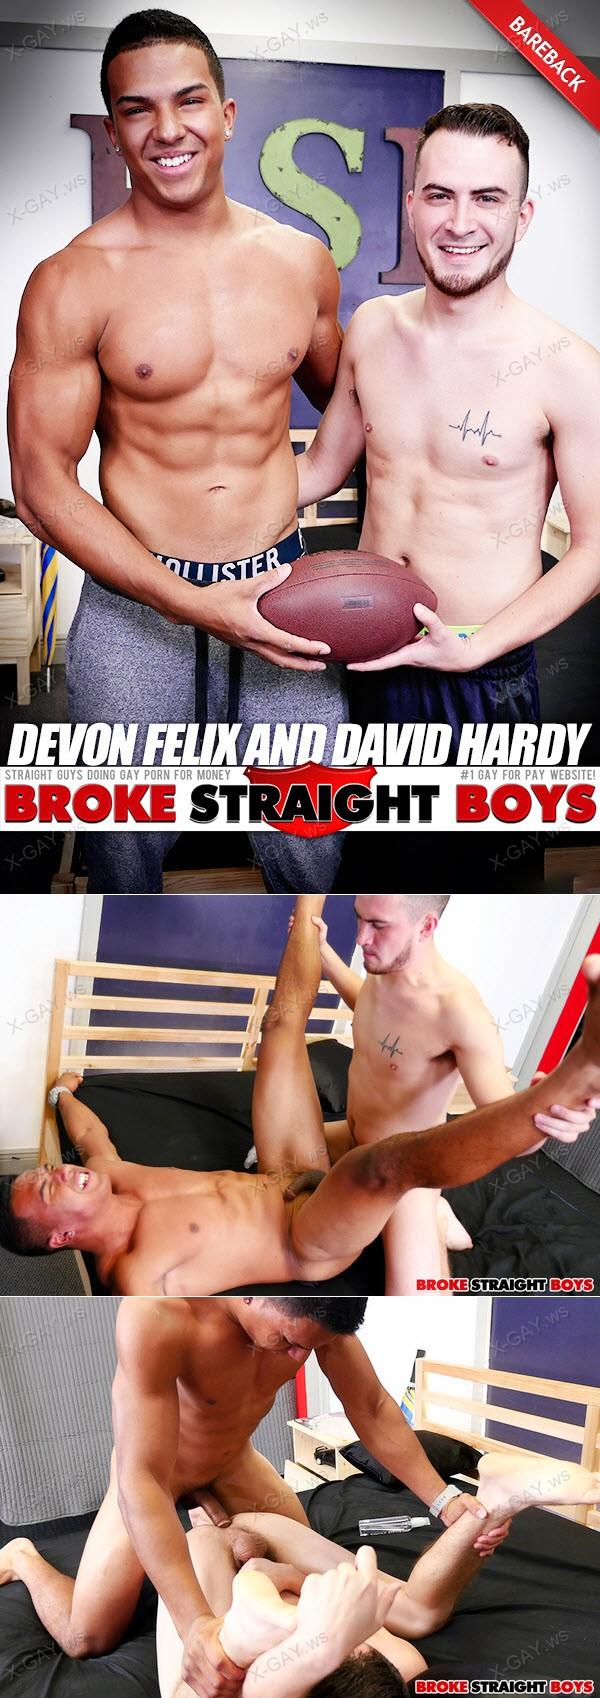 brokestraightboys_devonfelix_davidhardy.jpg